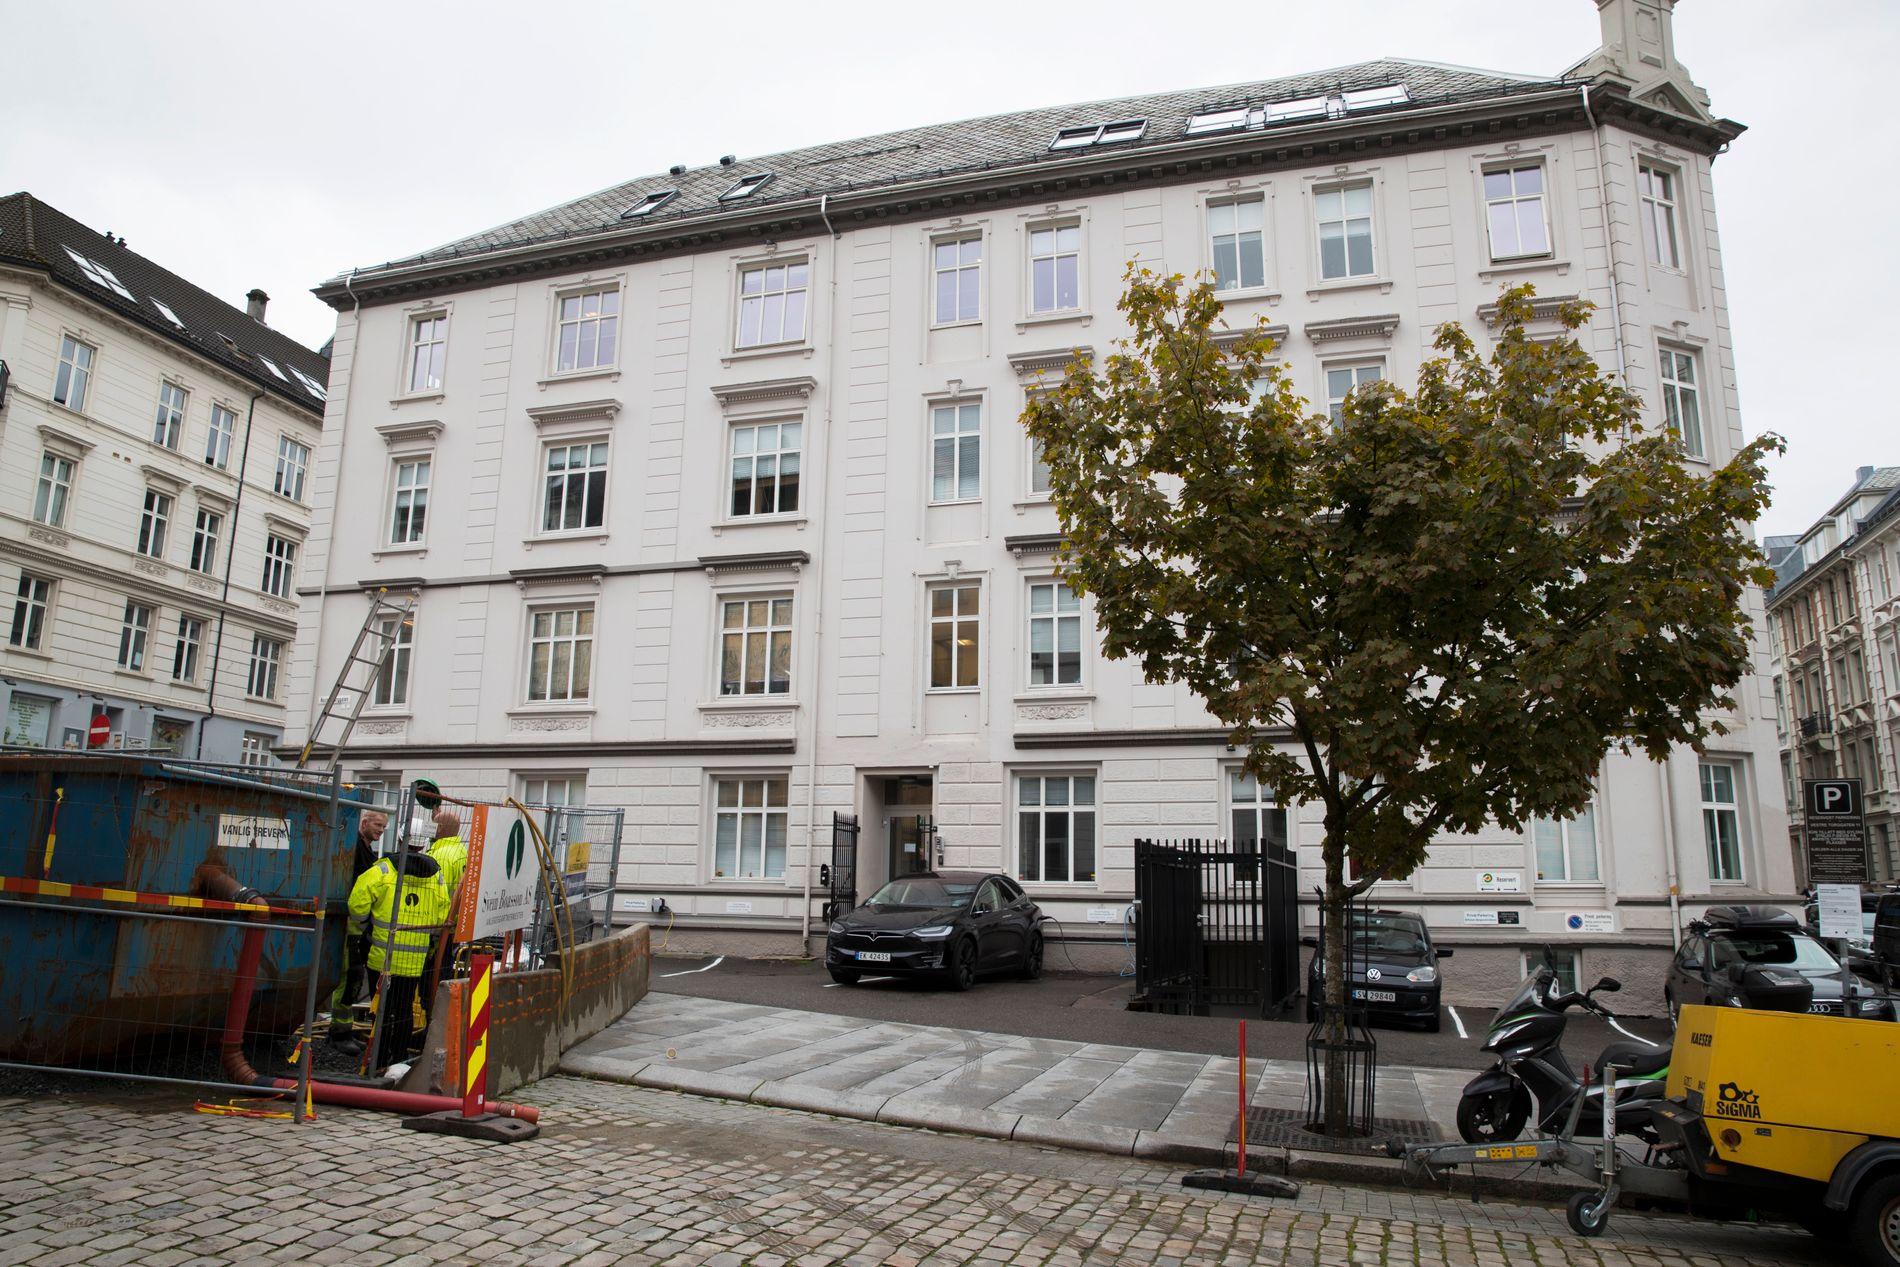 STERKT FAGMILJØ: Det tar mange år å bygge opp et fagmiljø, og ikke alt som har skjedd lar seg lett reparere, skriver psykolog ved Bergensklinikken Jens Ramfjord.